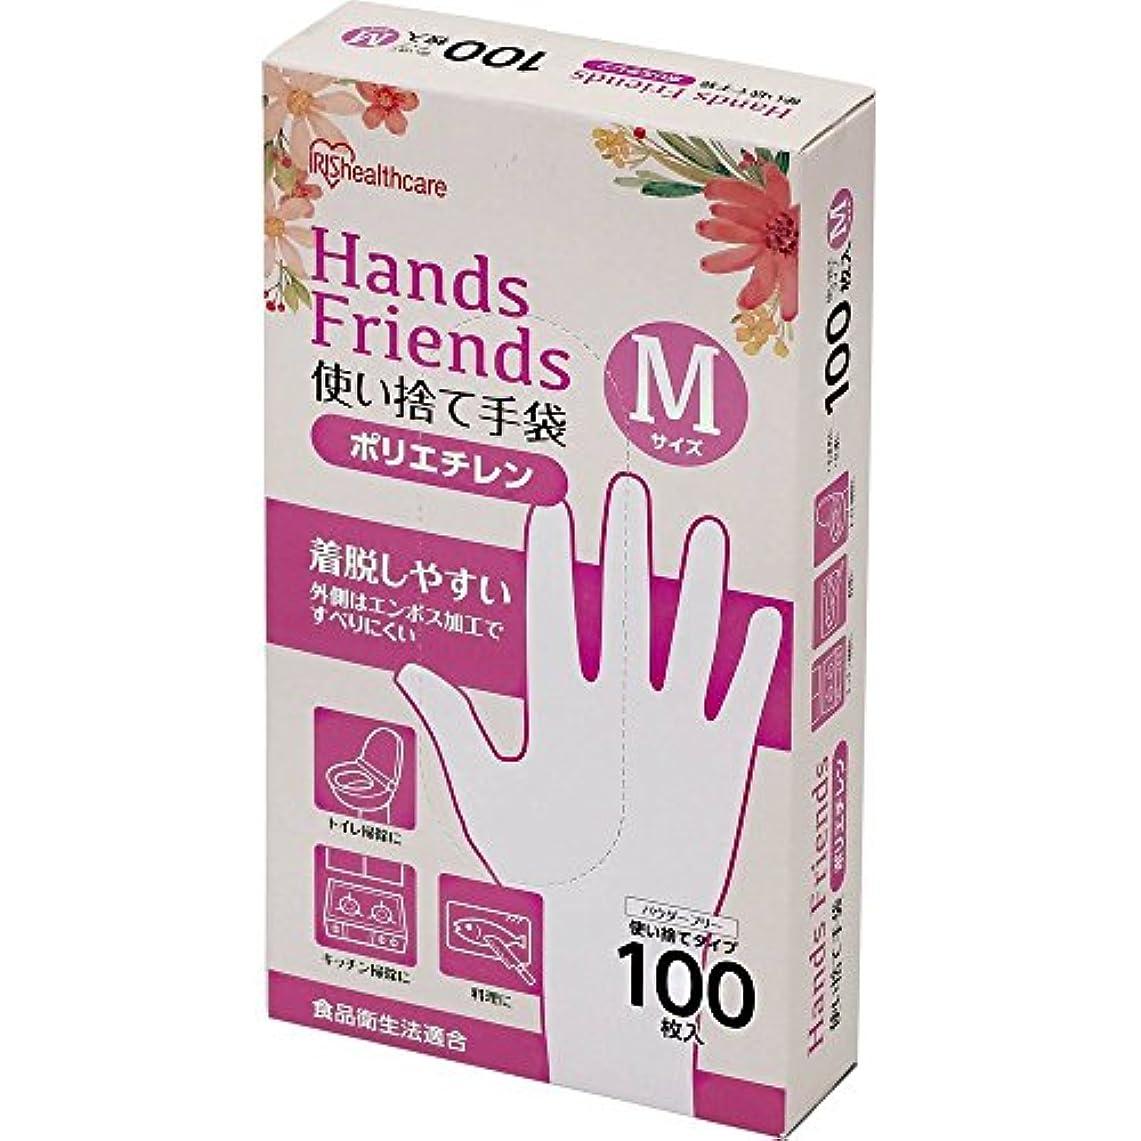 滑る構造バレーボール使い捨て手袋 ポリエチレン手袋 Mサイズ 粉なし パウダーフリー クリア 100枚入